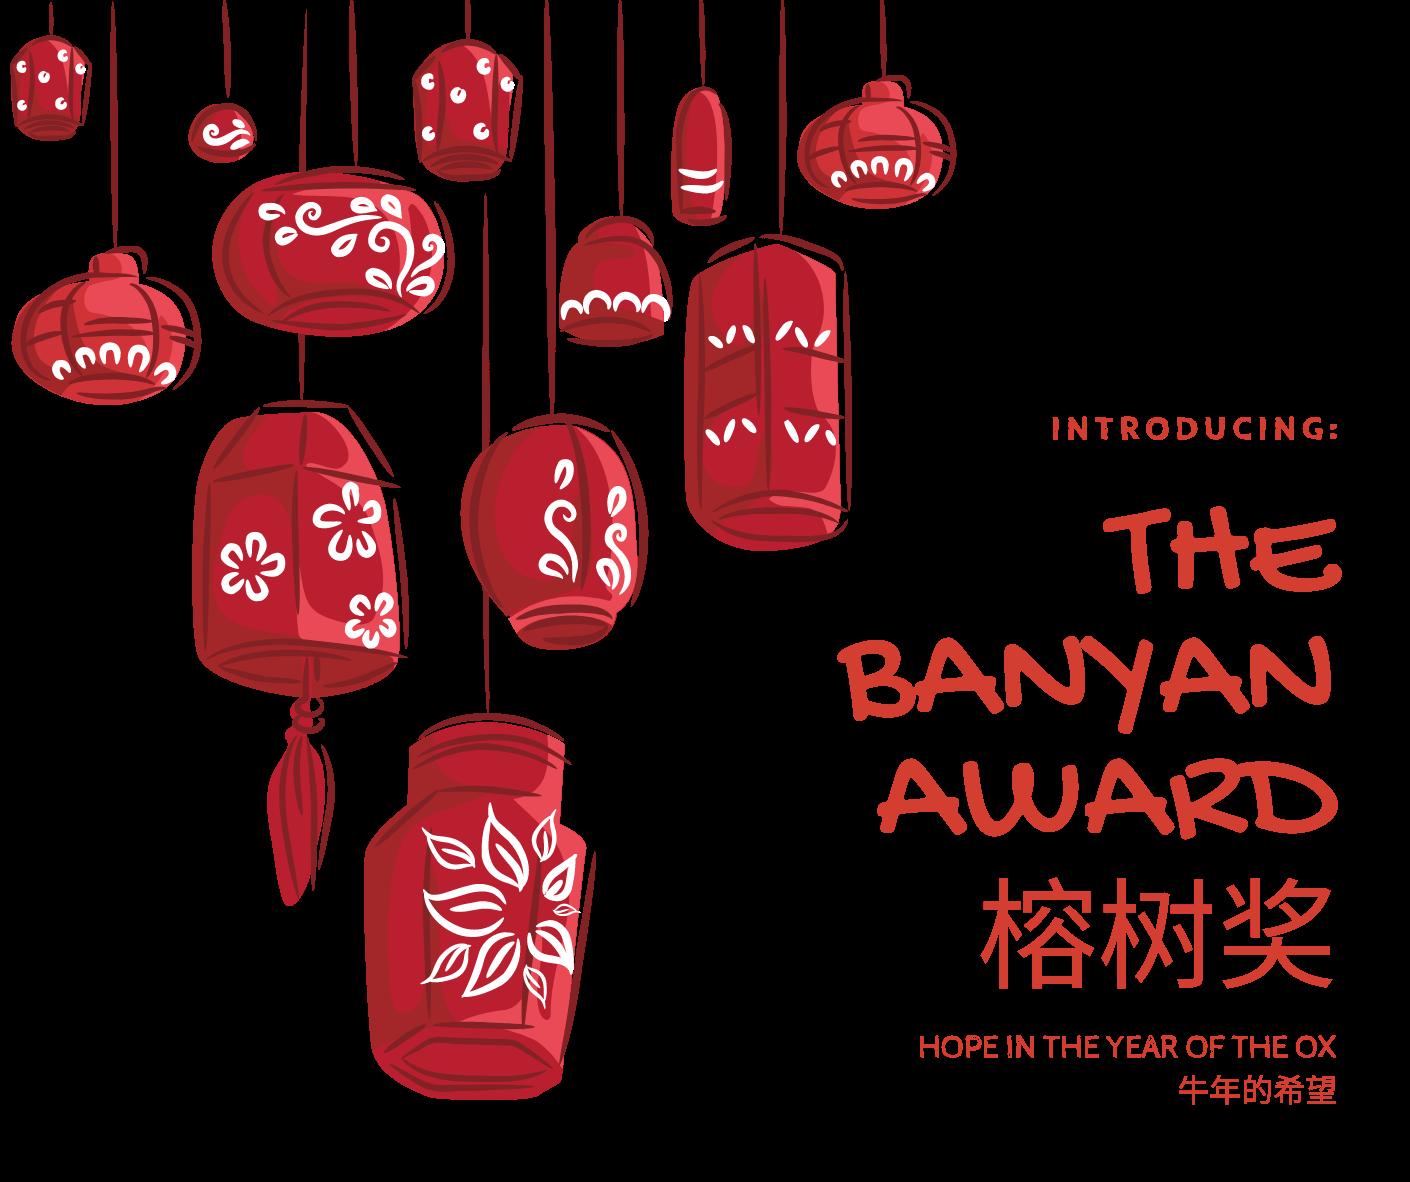 THE BANYAN AWARD 2021